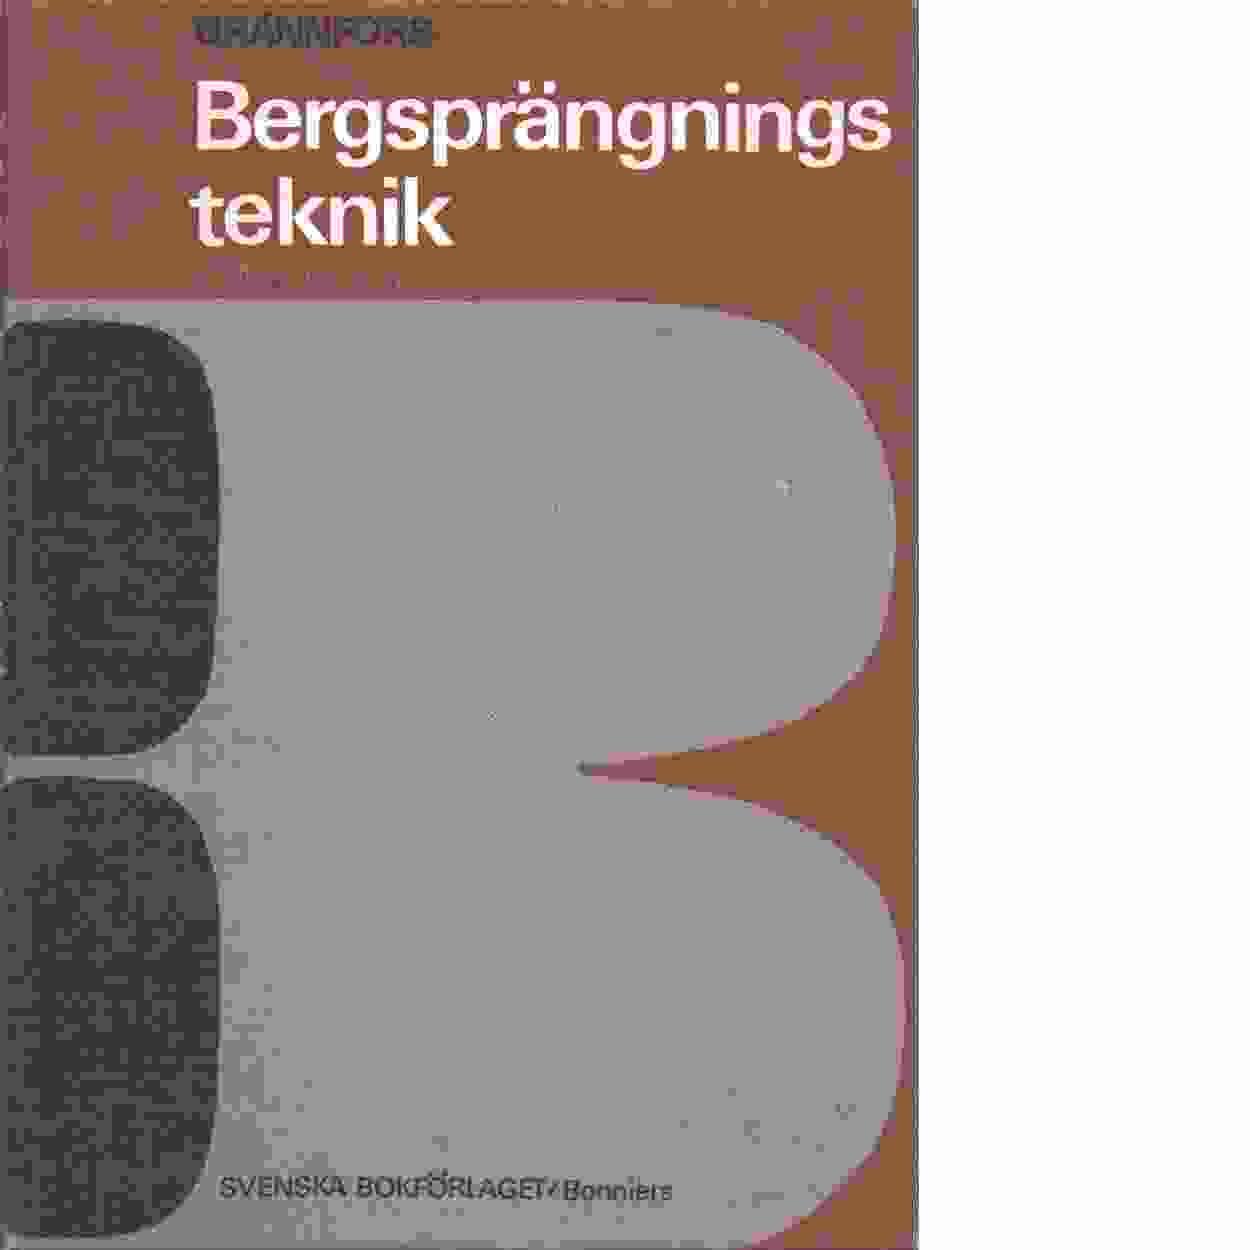 Bergsprängningsteknik - Red. Brännfors, Sten och Hagerman, Yngve